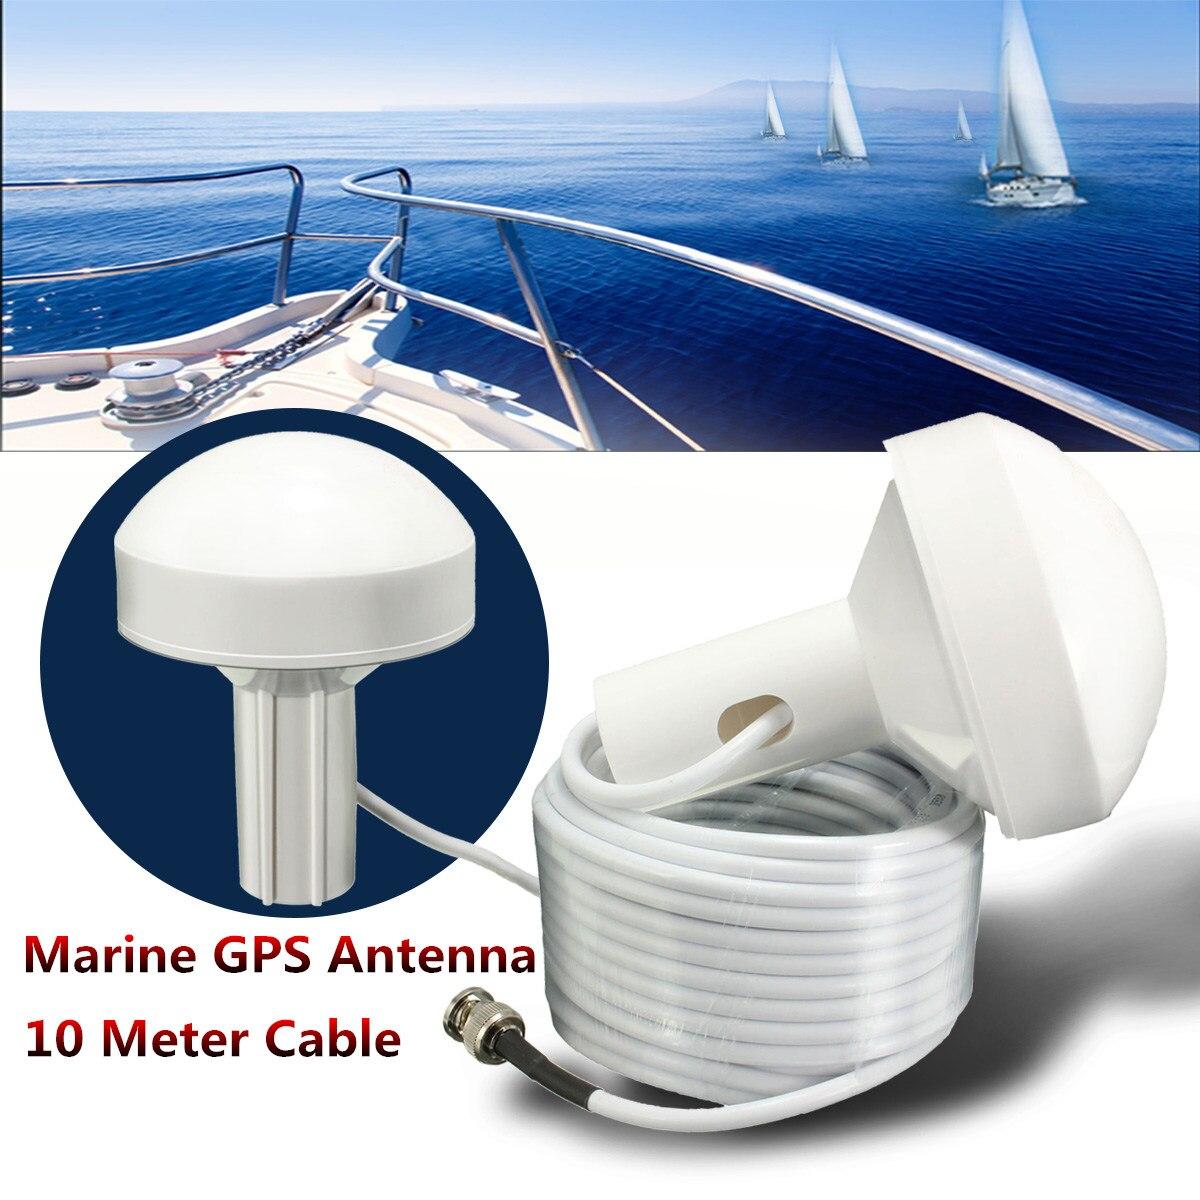 Nuevo GPS navegación marina antena 10 metros con conector macho BNC